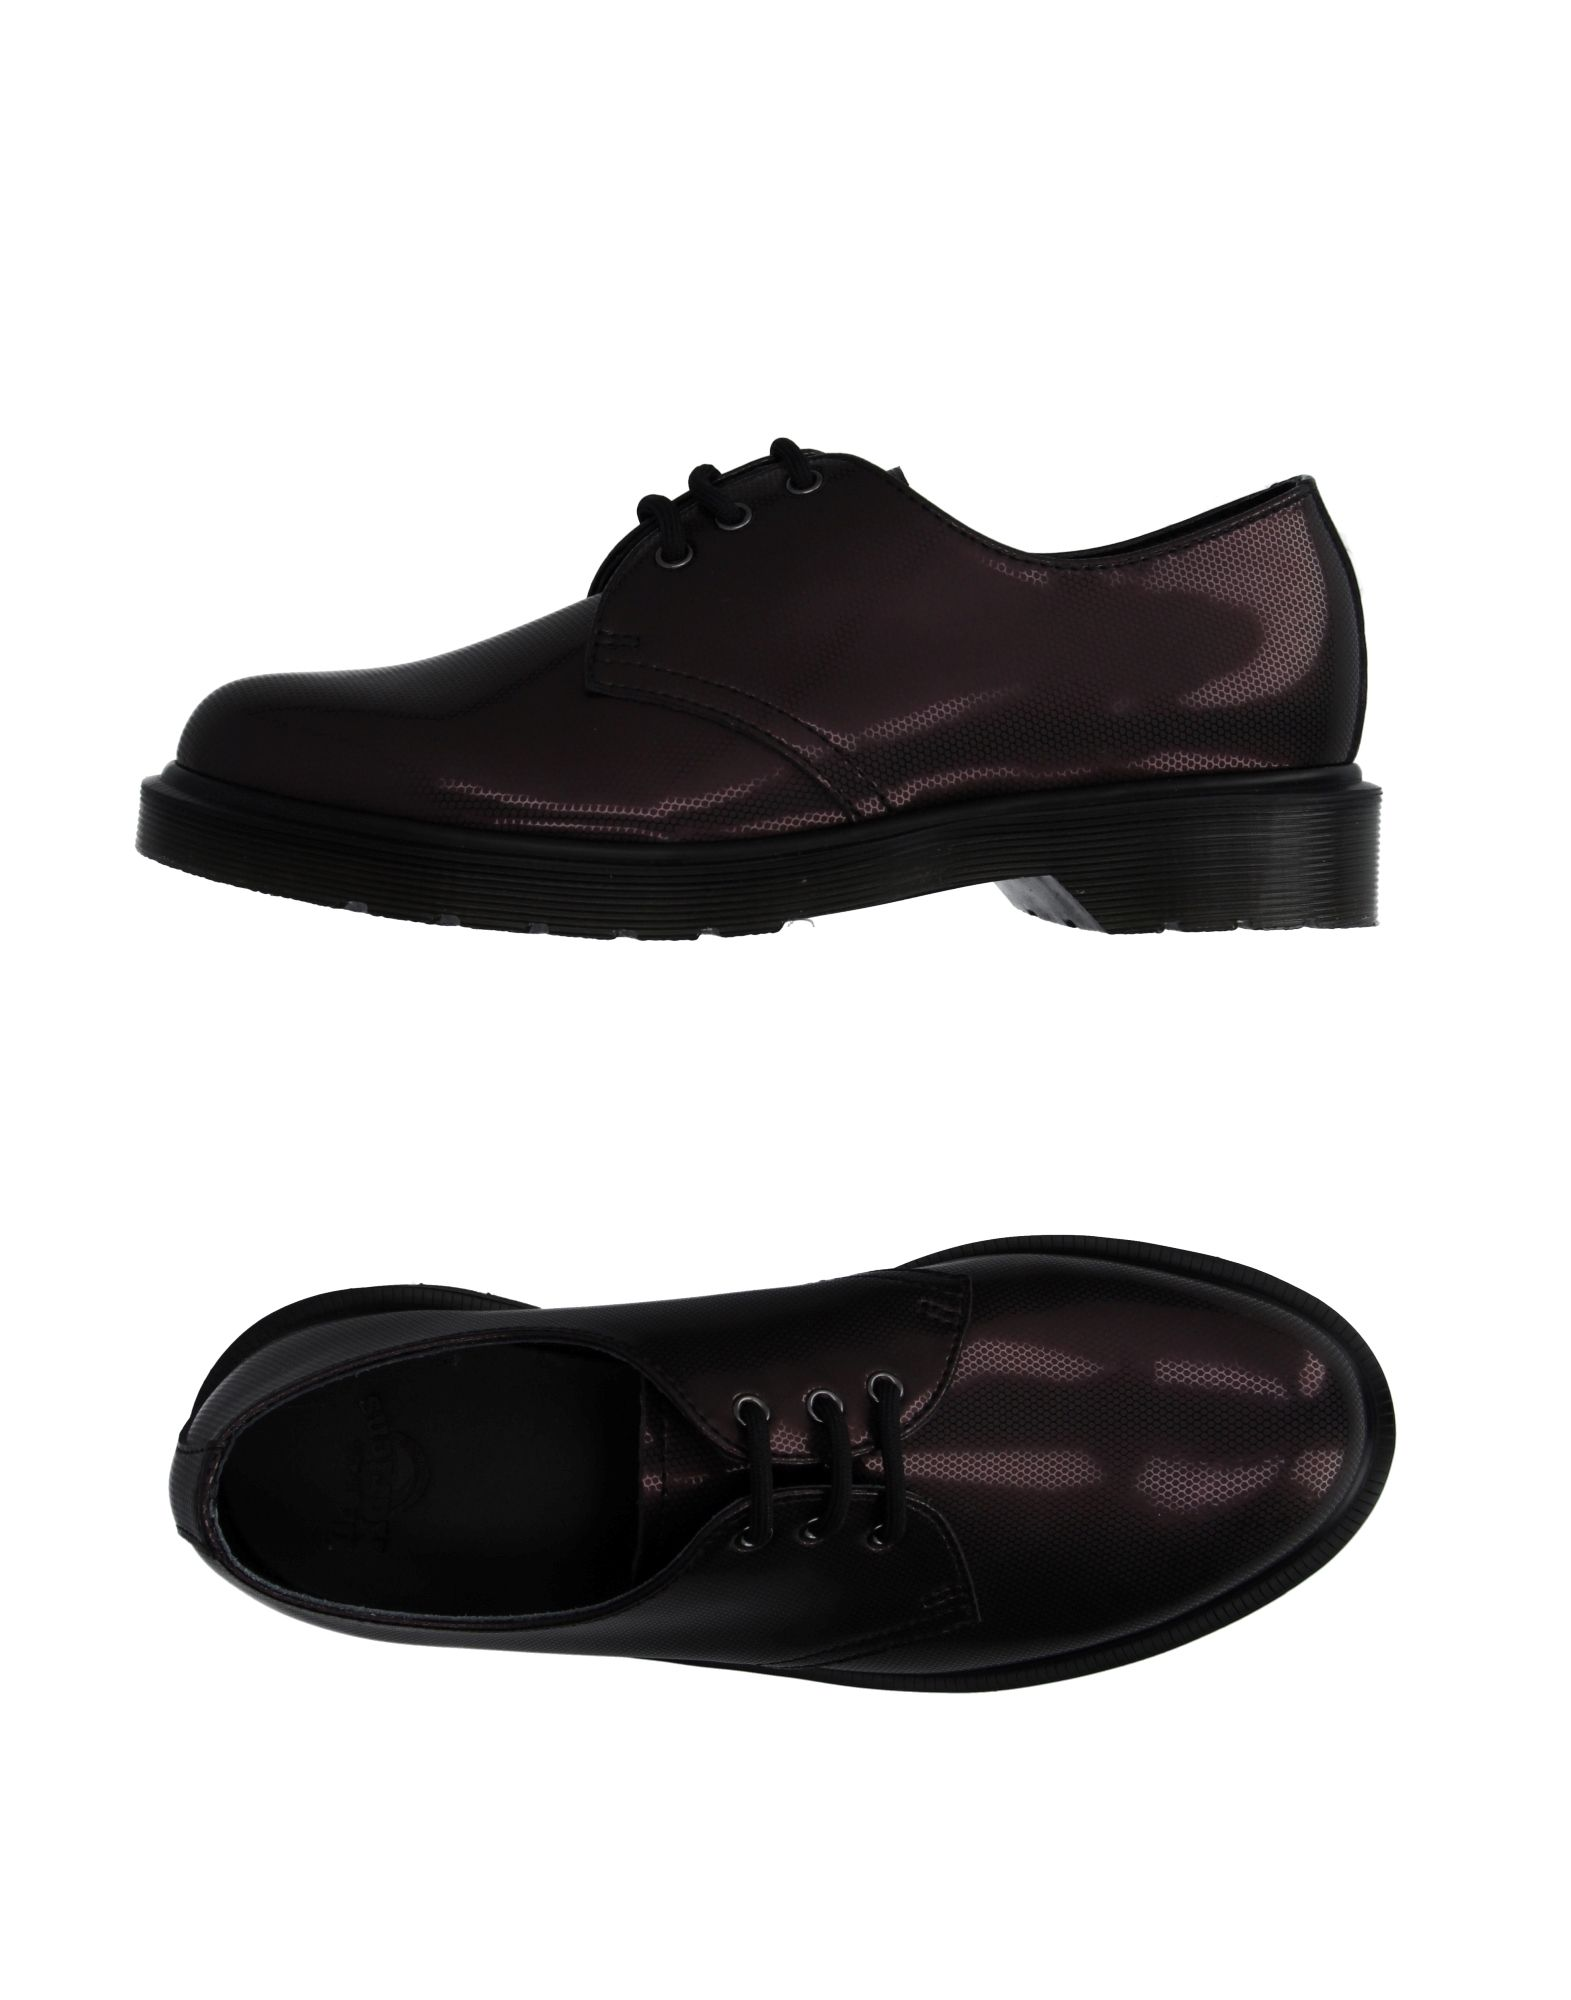 Dr. Martens Schnürschuhe Damen  11037647TL Gute Qualität beliebte Schuhe